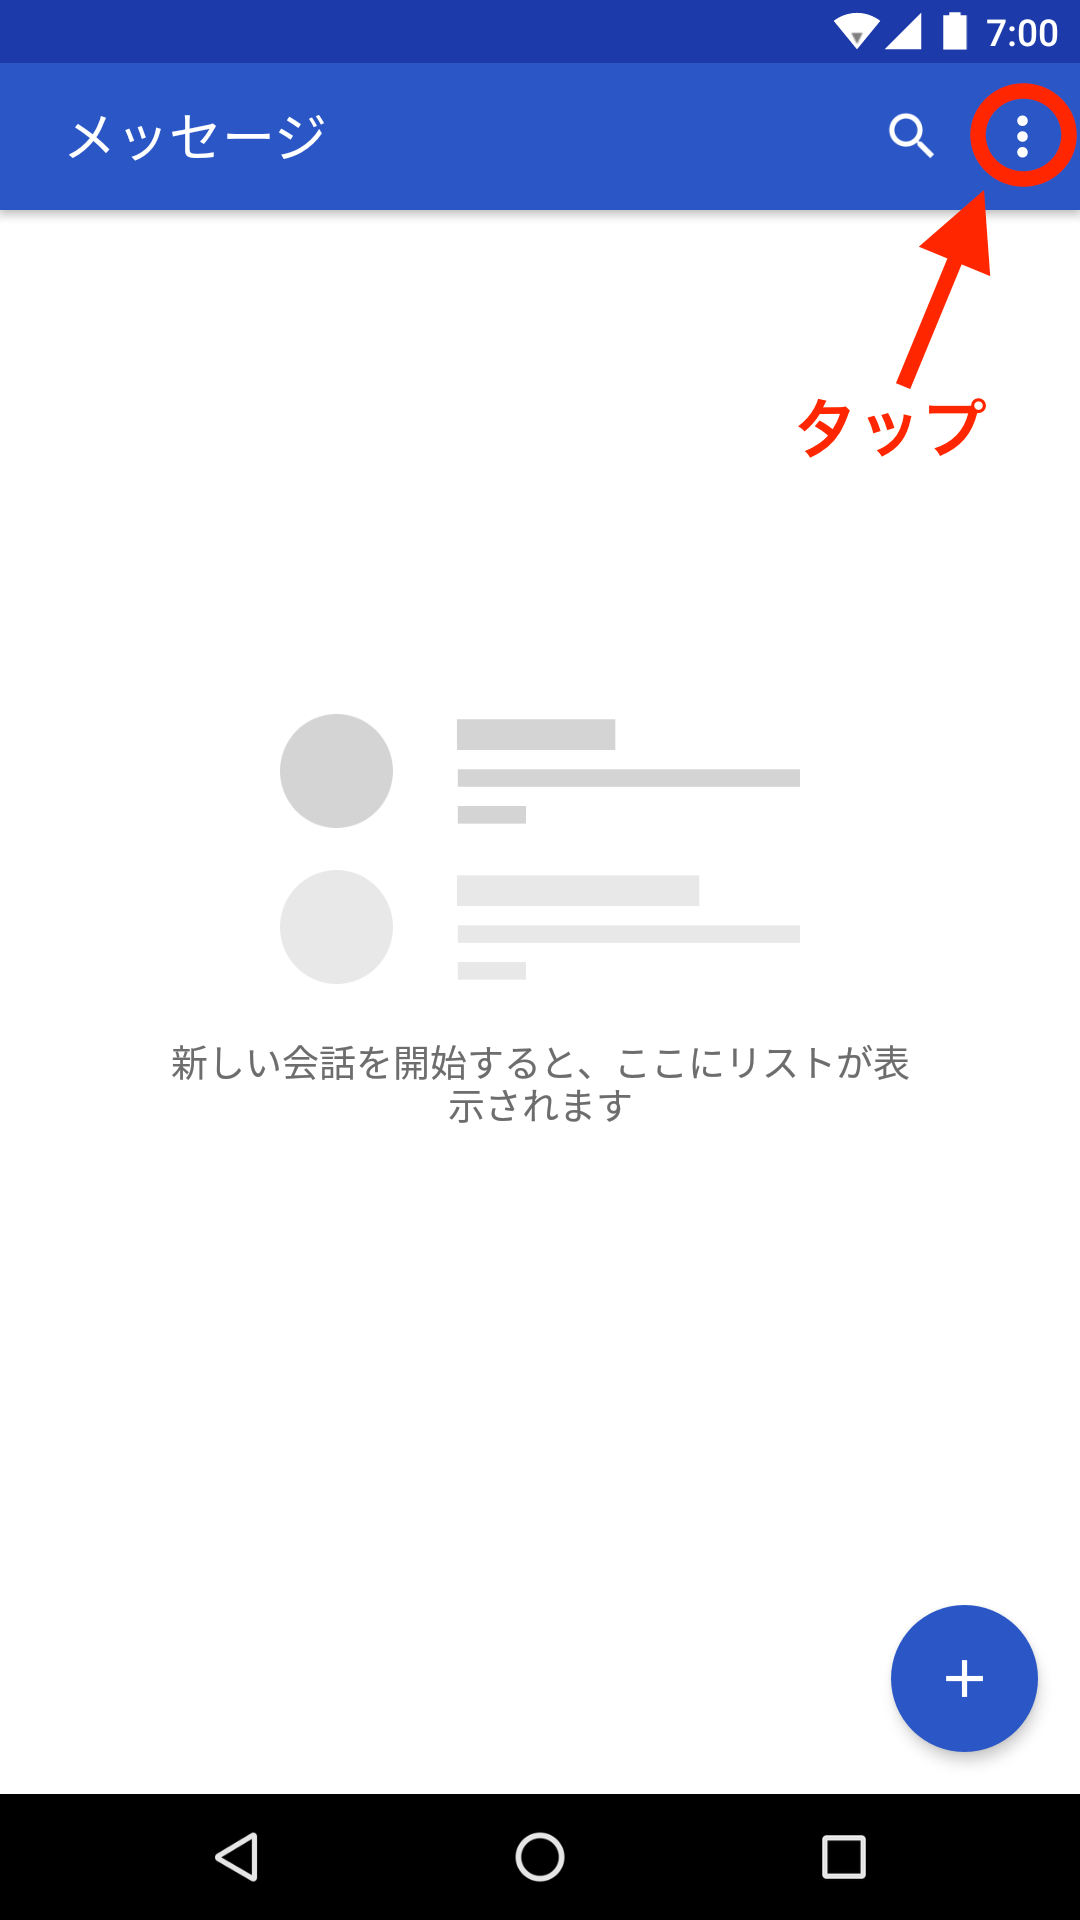 詳細 東京 アラート